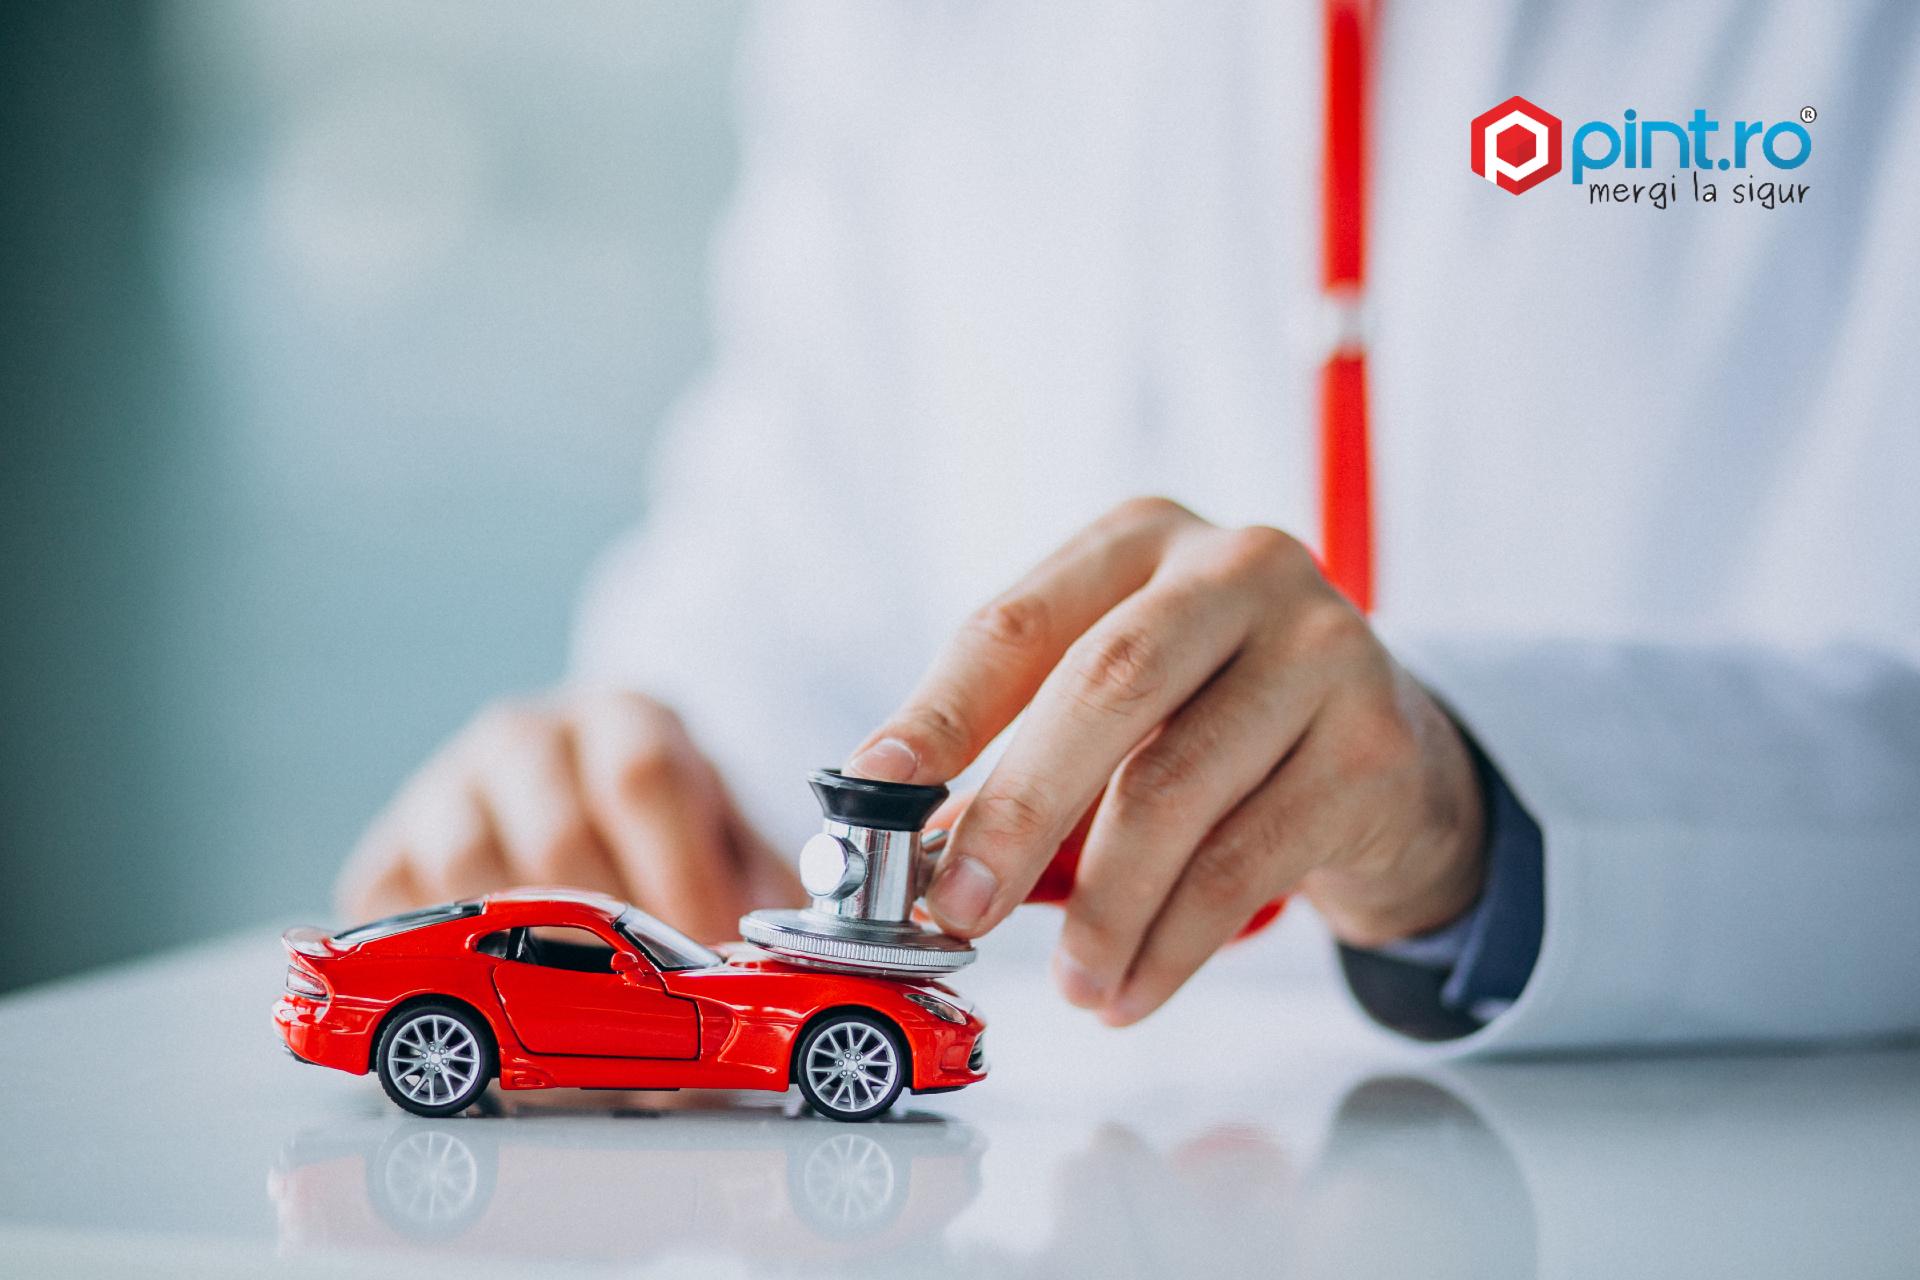 Tipuri de asigurari auto – alege varianta potrivită nevoilor tale